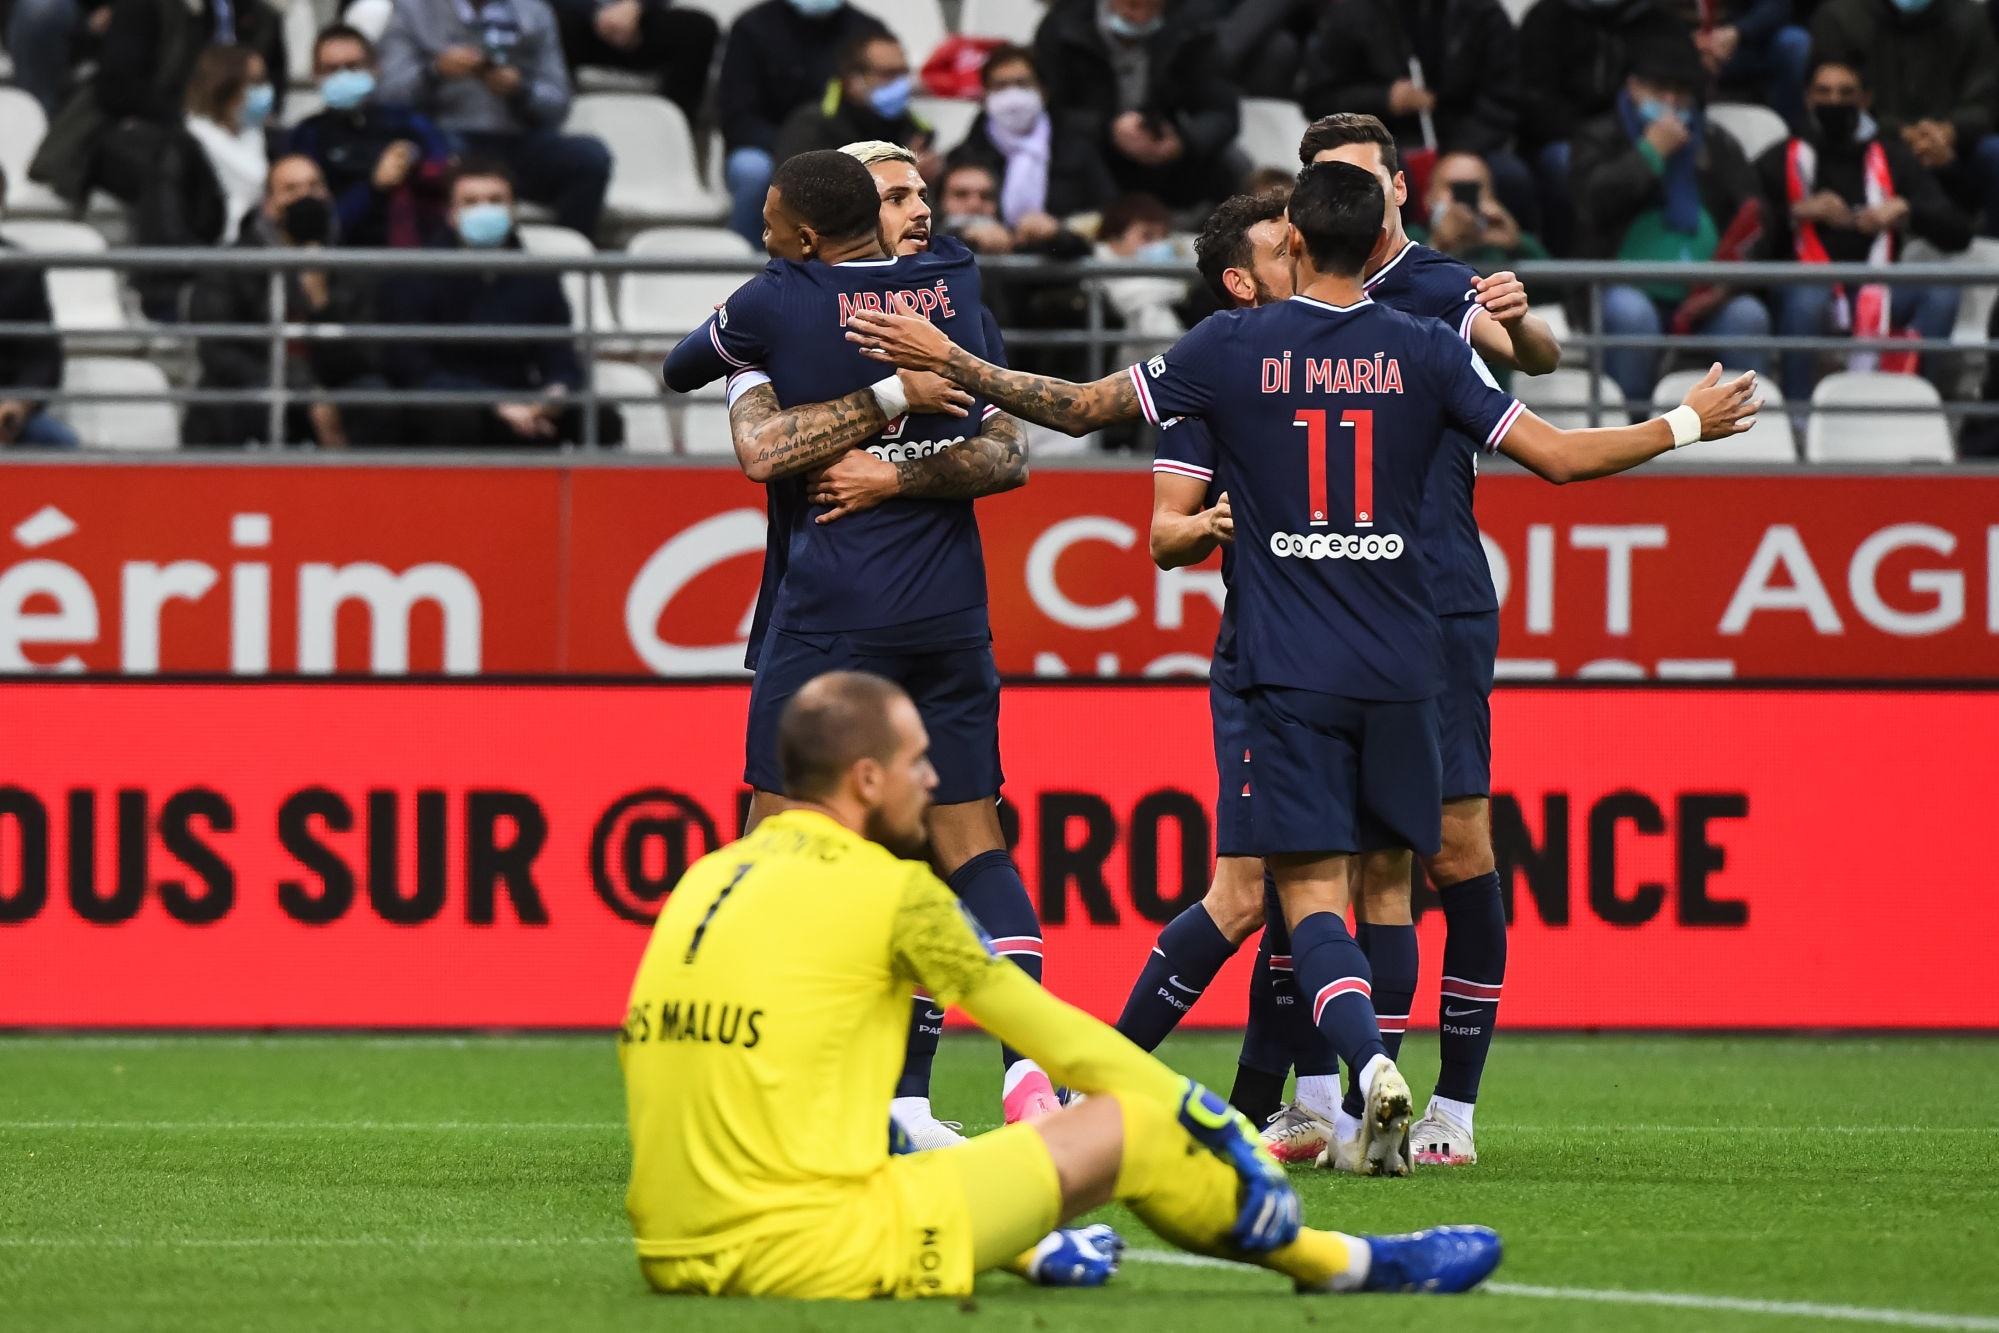 Résumé Reims/PSG (0-2) - La vidéo des buts et temps forts du match